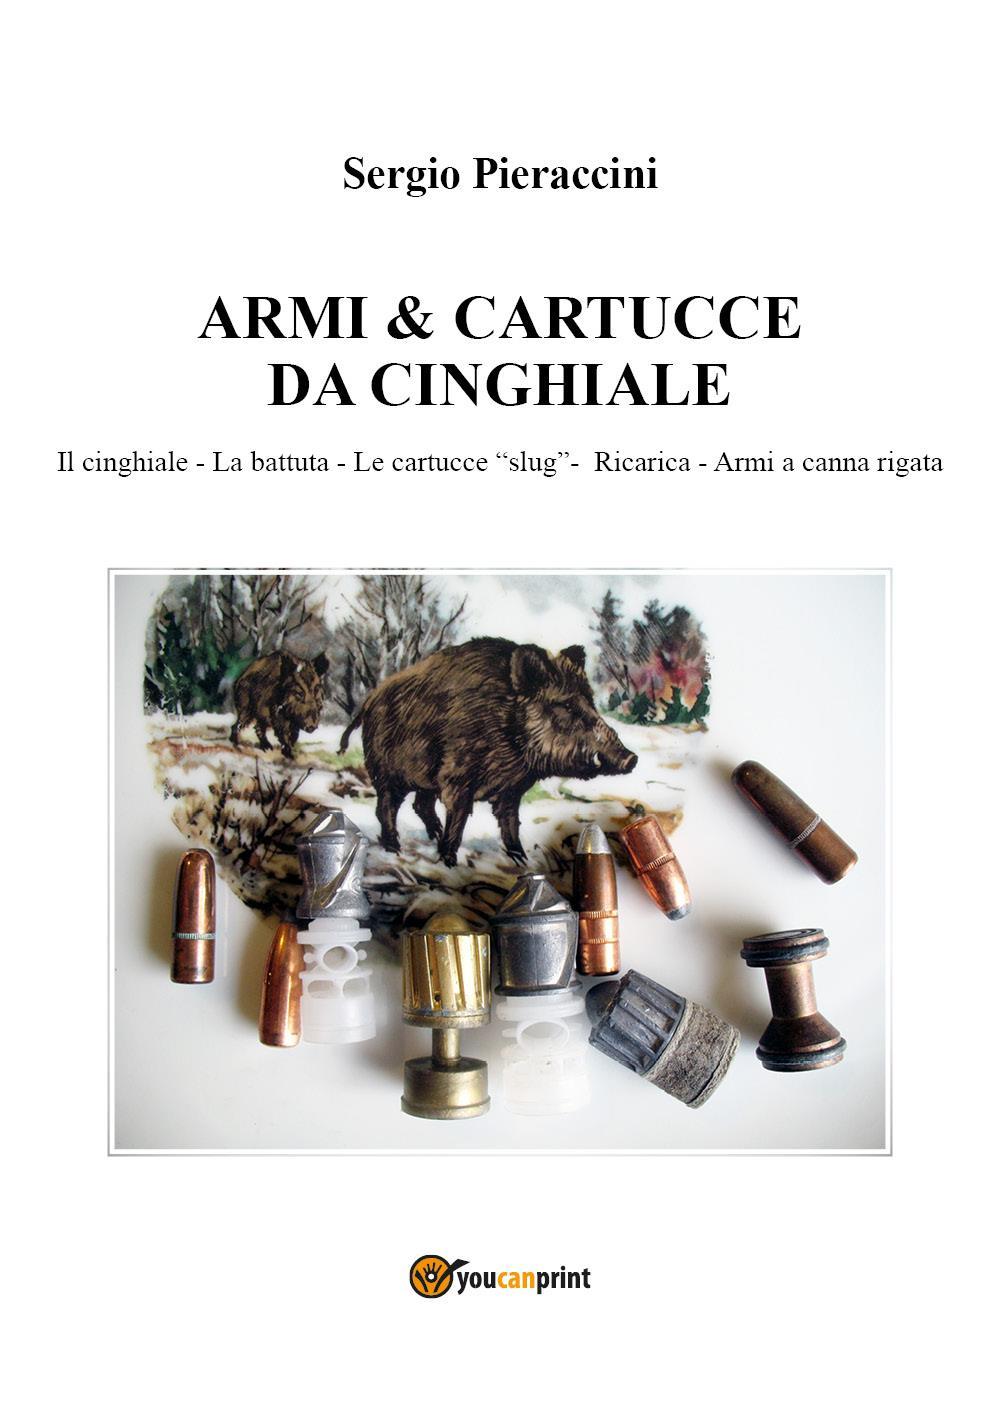 armi&cartucce da cinghiale